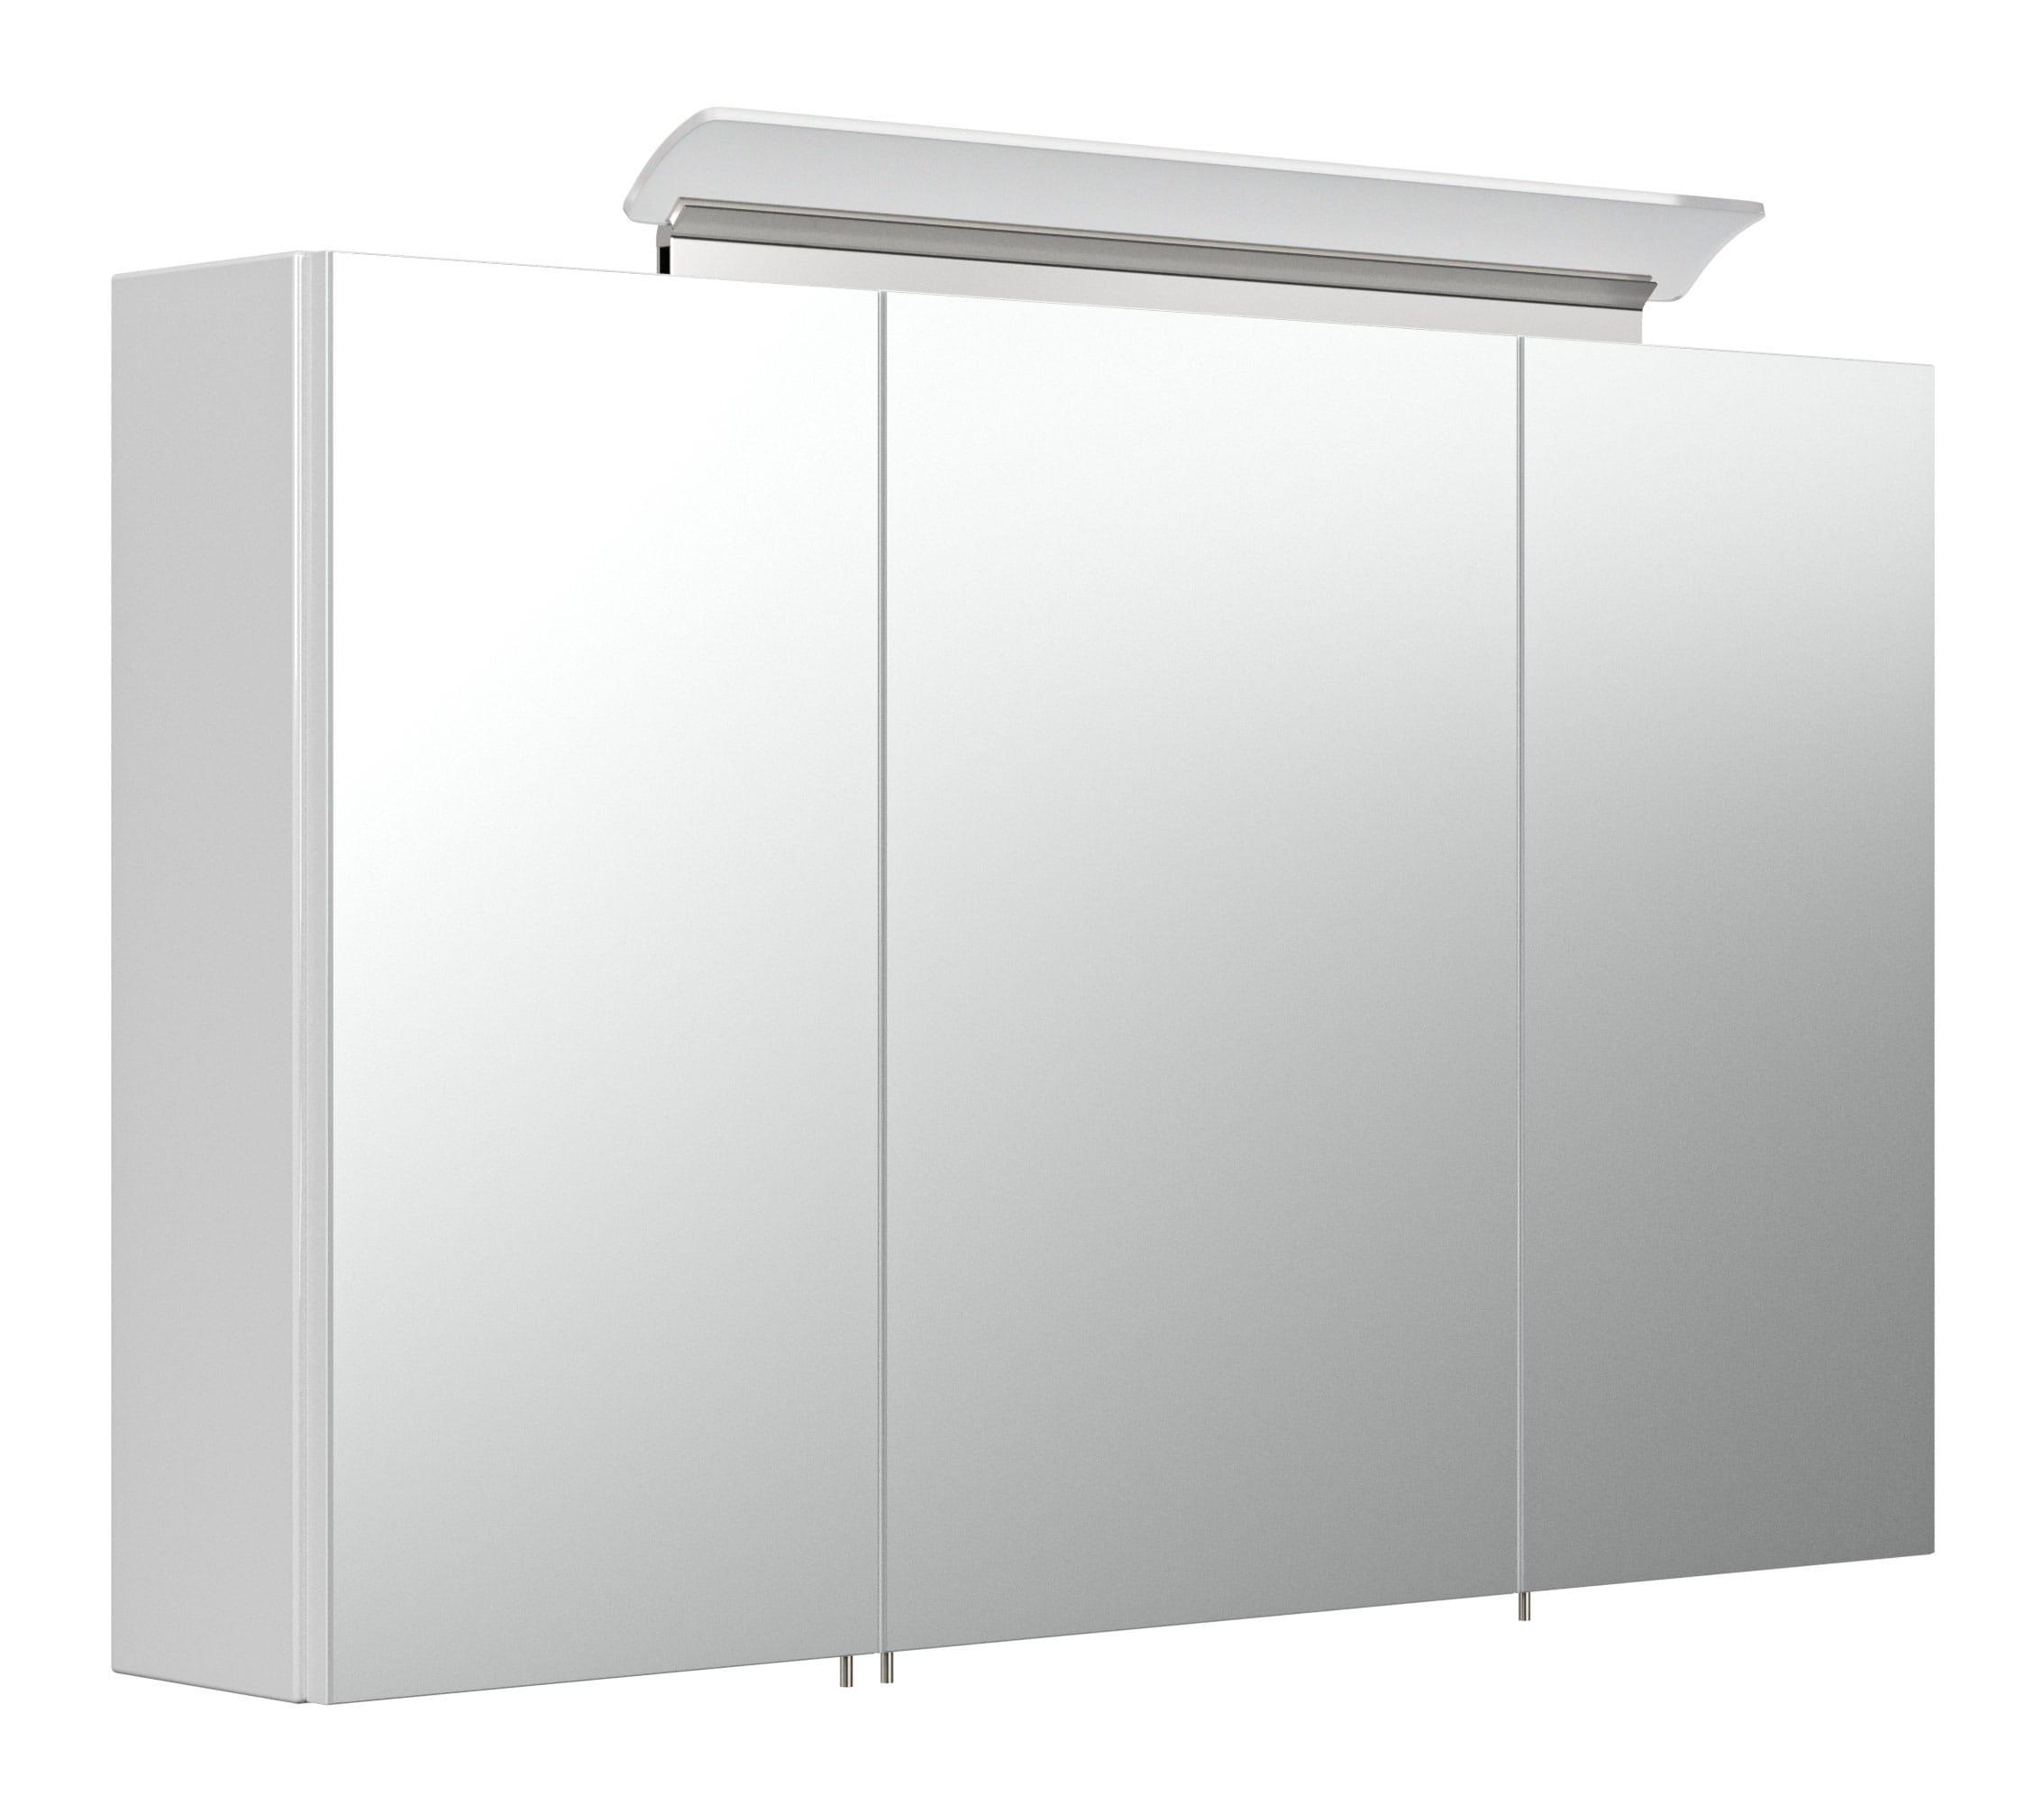 Saniclear Rocky 100cm spiegelkast met design LED verlichting glans wit